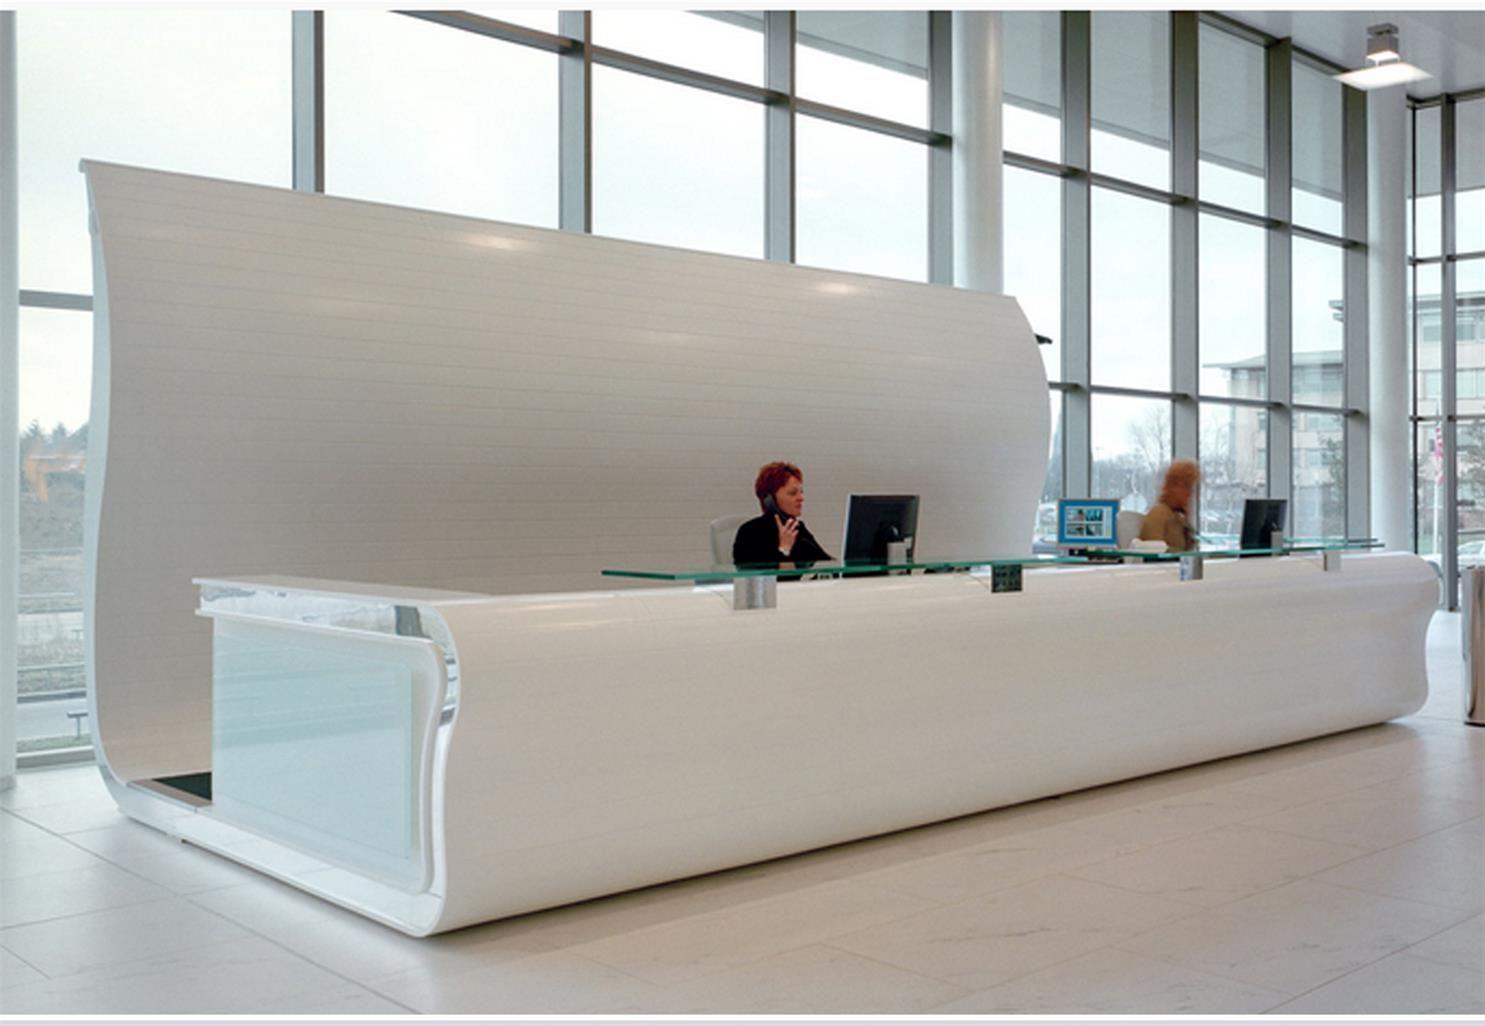 Large Custom Design Recption Information Desk For Lobby